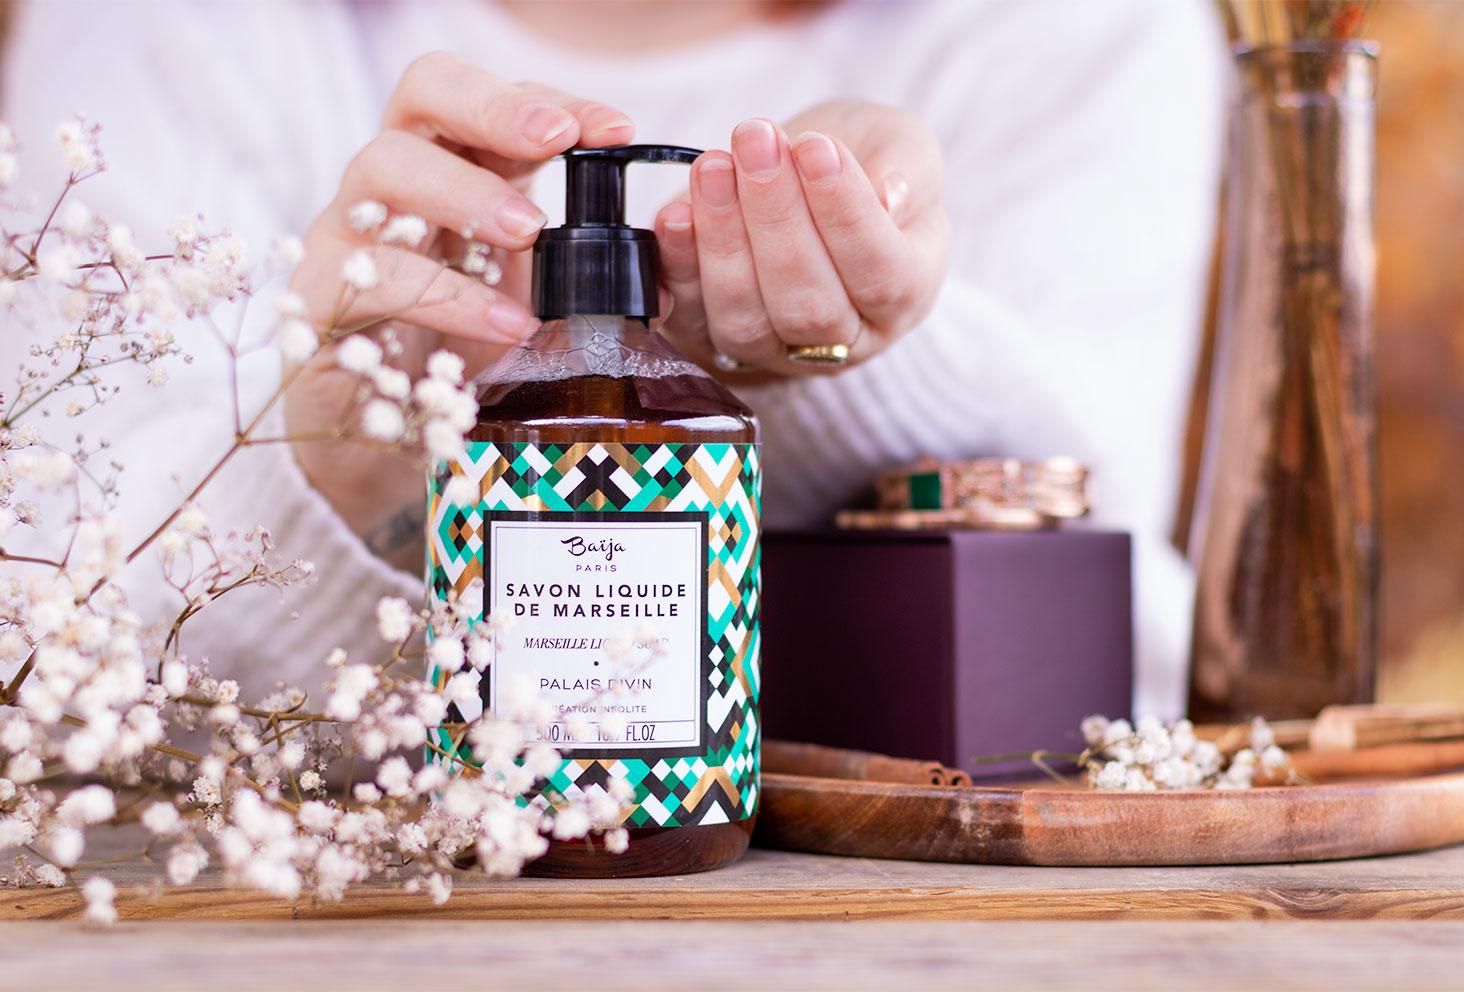 Utilisation de la pompe au creux de la main, du savon liquide de Marseille de Baïja, posé au milieu de fleurs sèches et de bijoux sur une table en bois pour le top 3 des gels douche